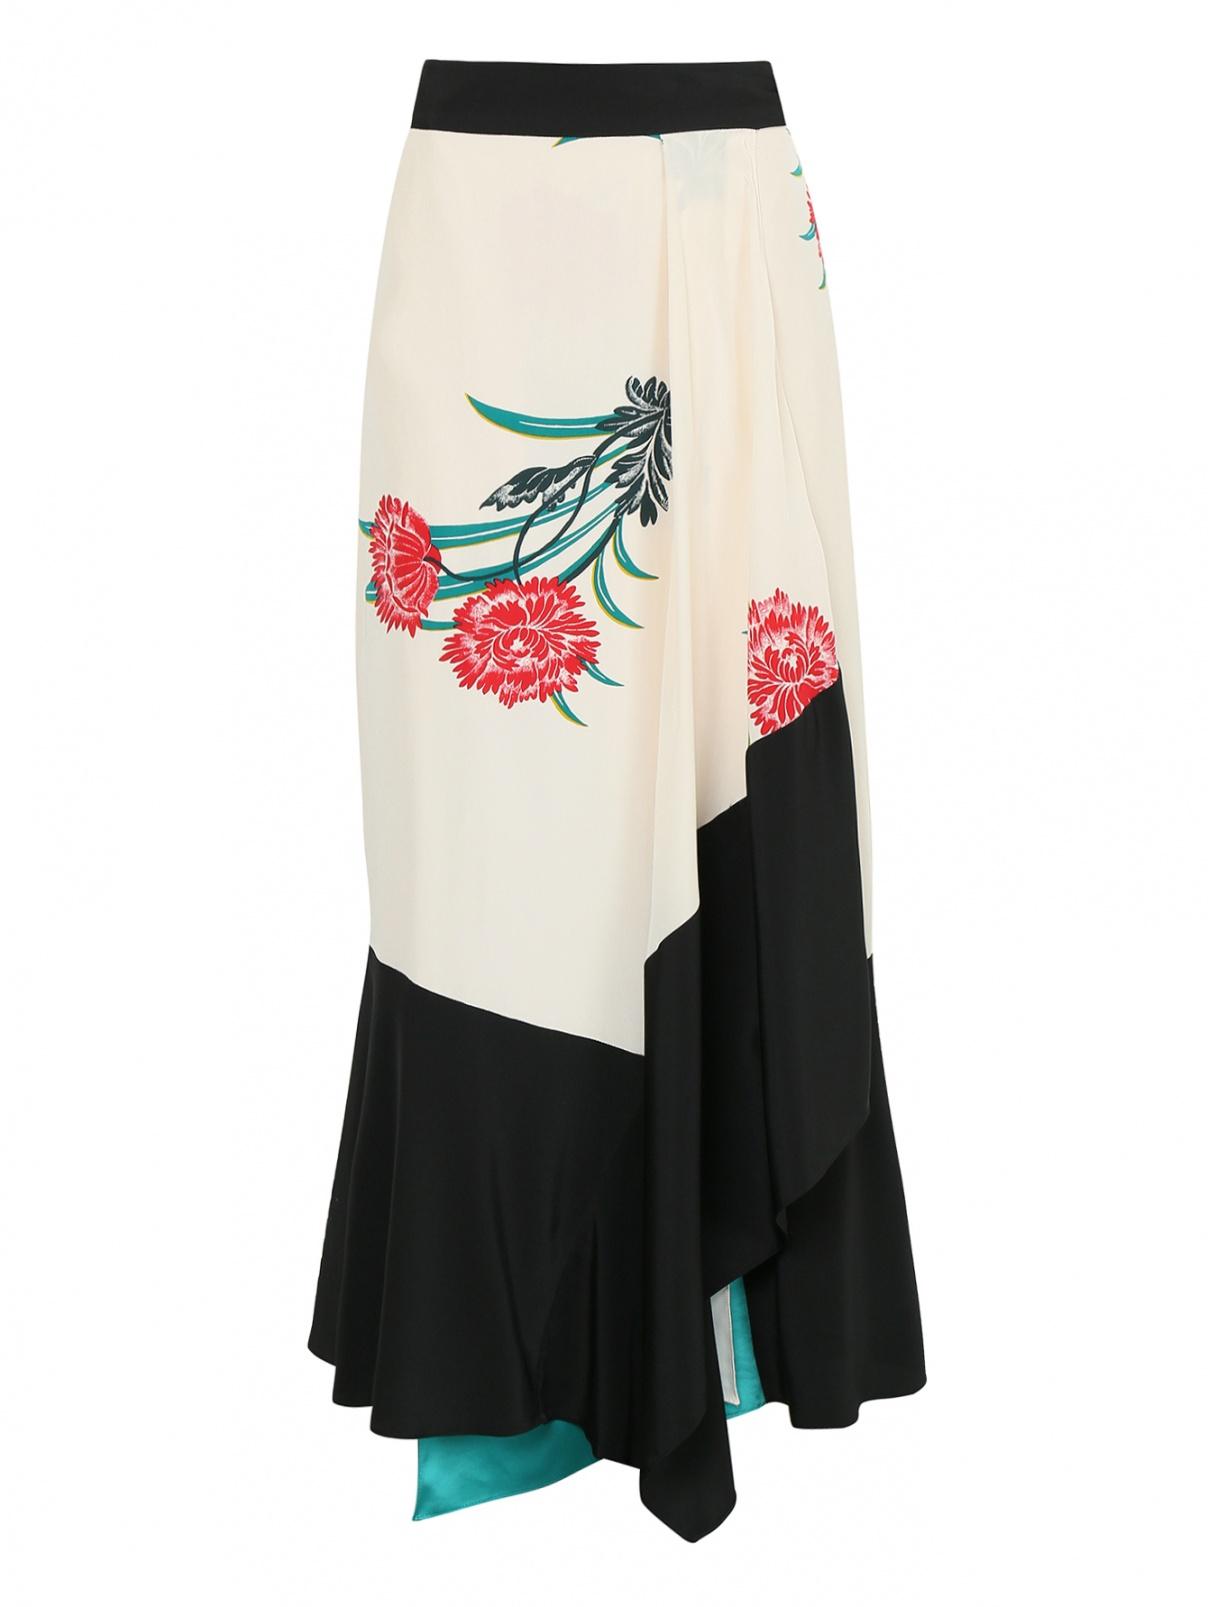 Юбка из шелка с цветочным принтом ассиметричного кроя Diane von Furstenberg  –  Общий вид  – Цвет:  Белый